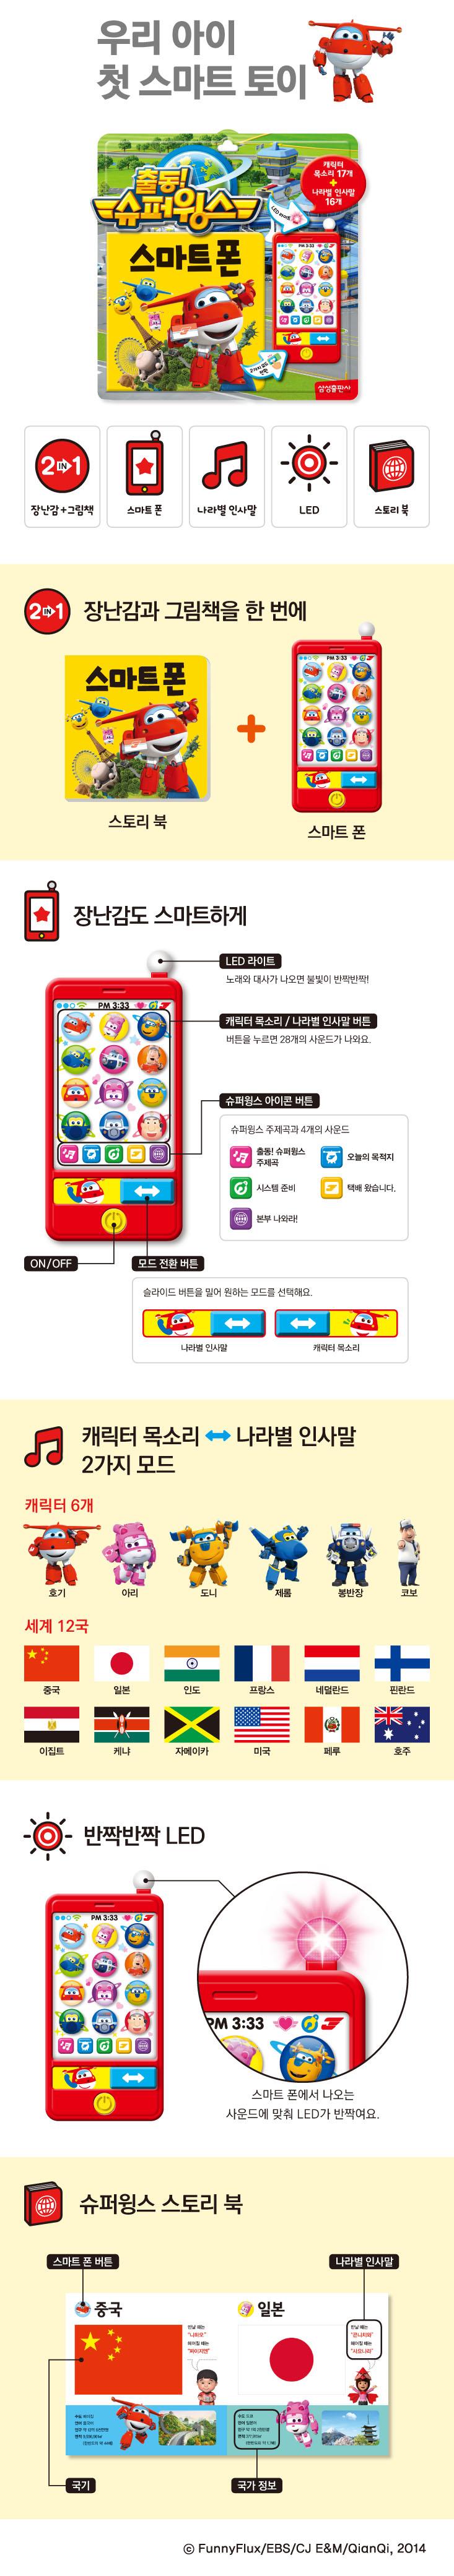 삼성출판사 스마트폰 출동! 슈퍼윙스